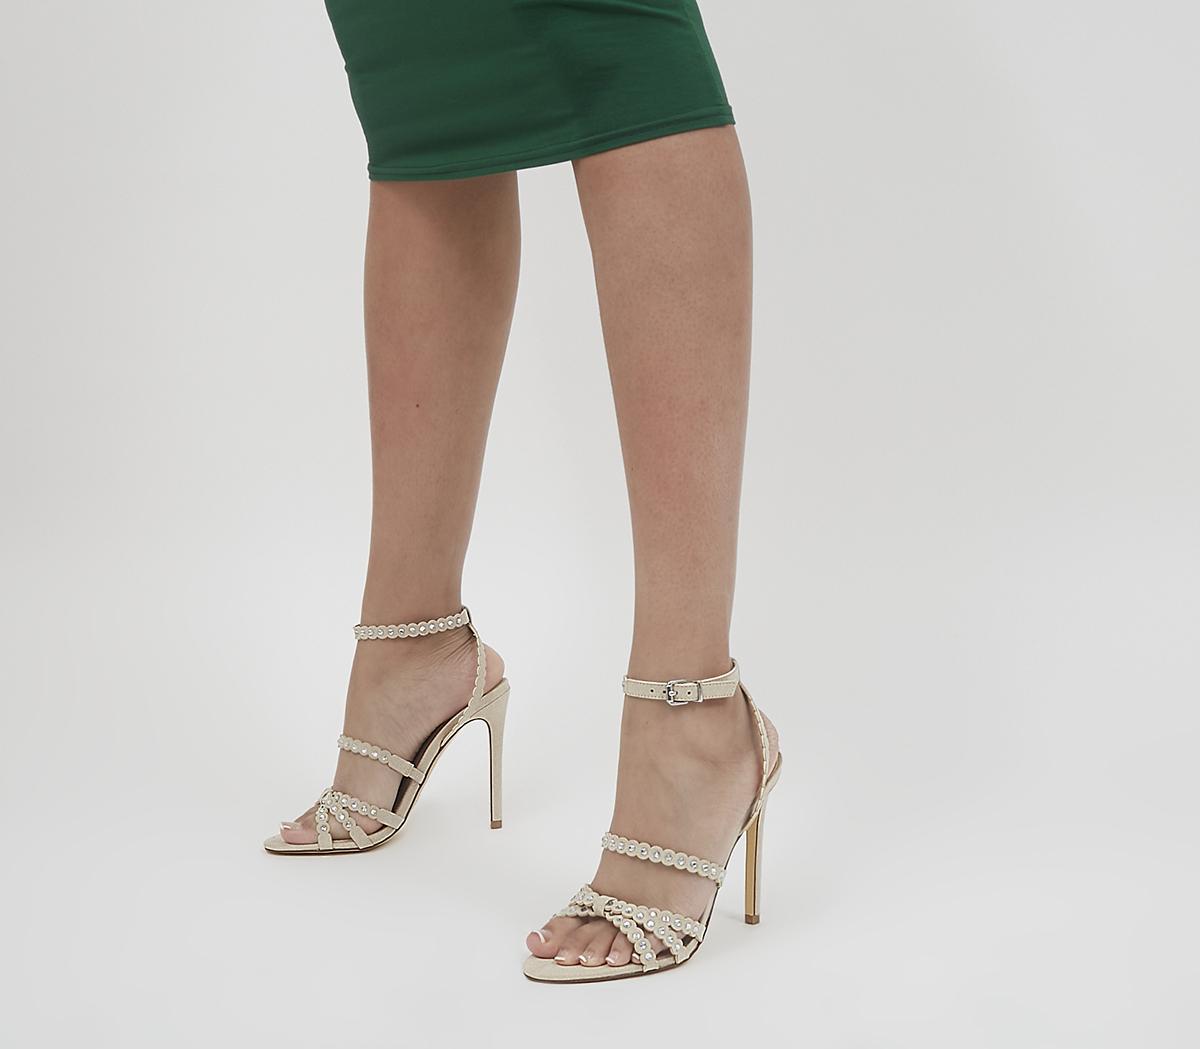 High Pressure Embellished Strappy Stilettos